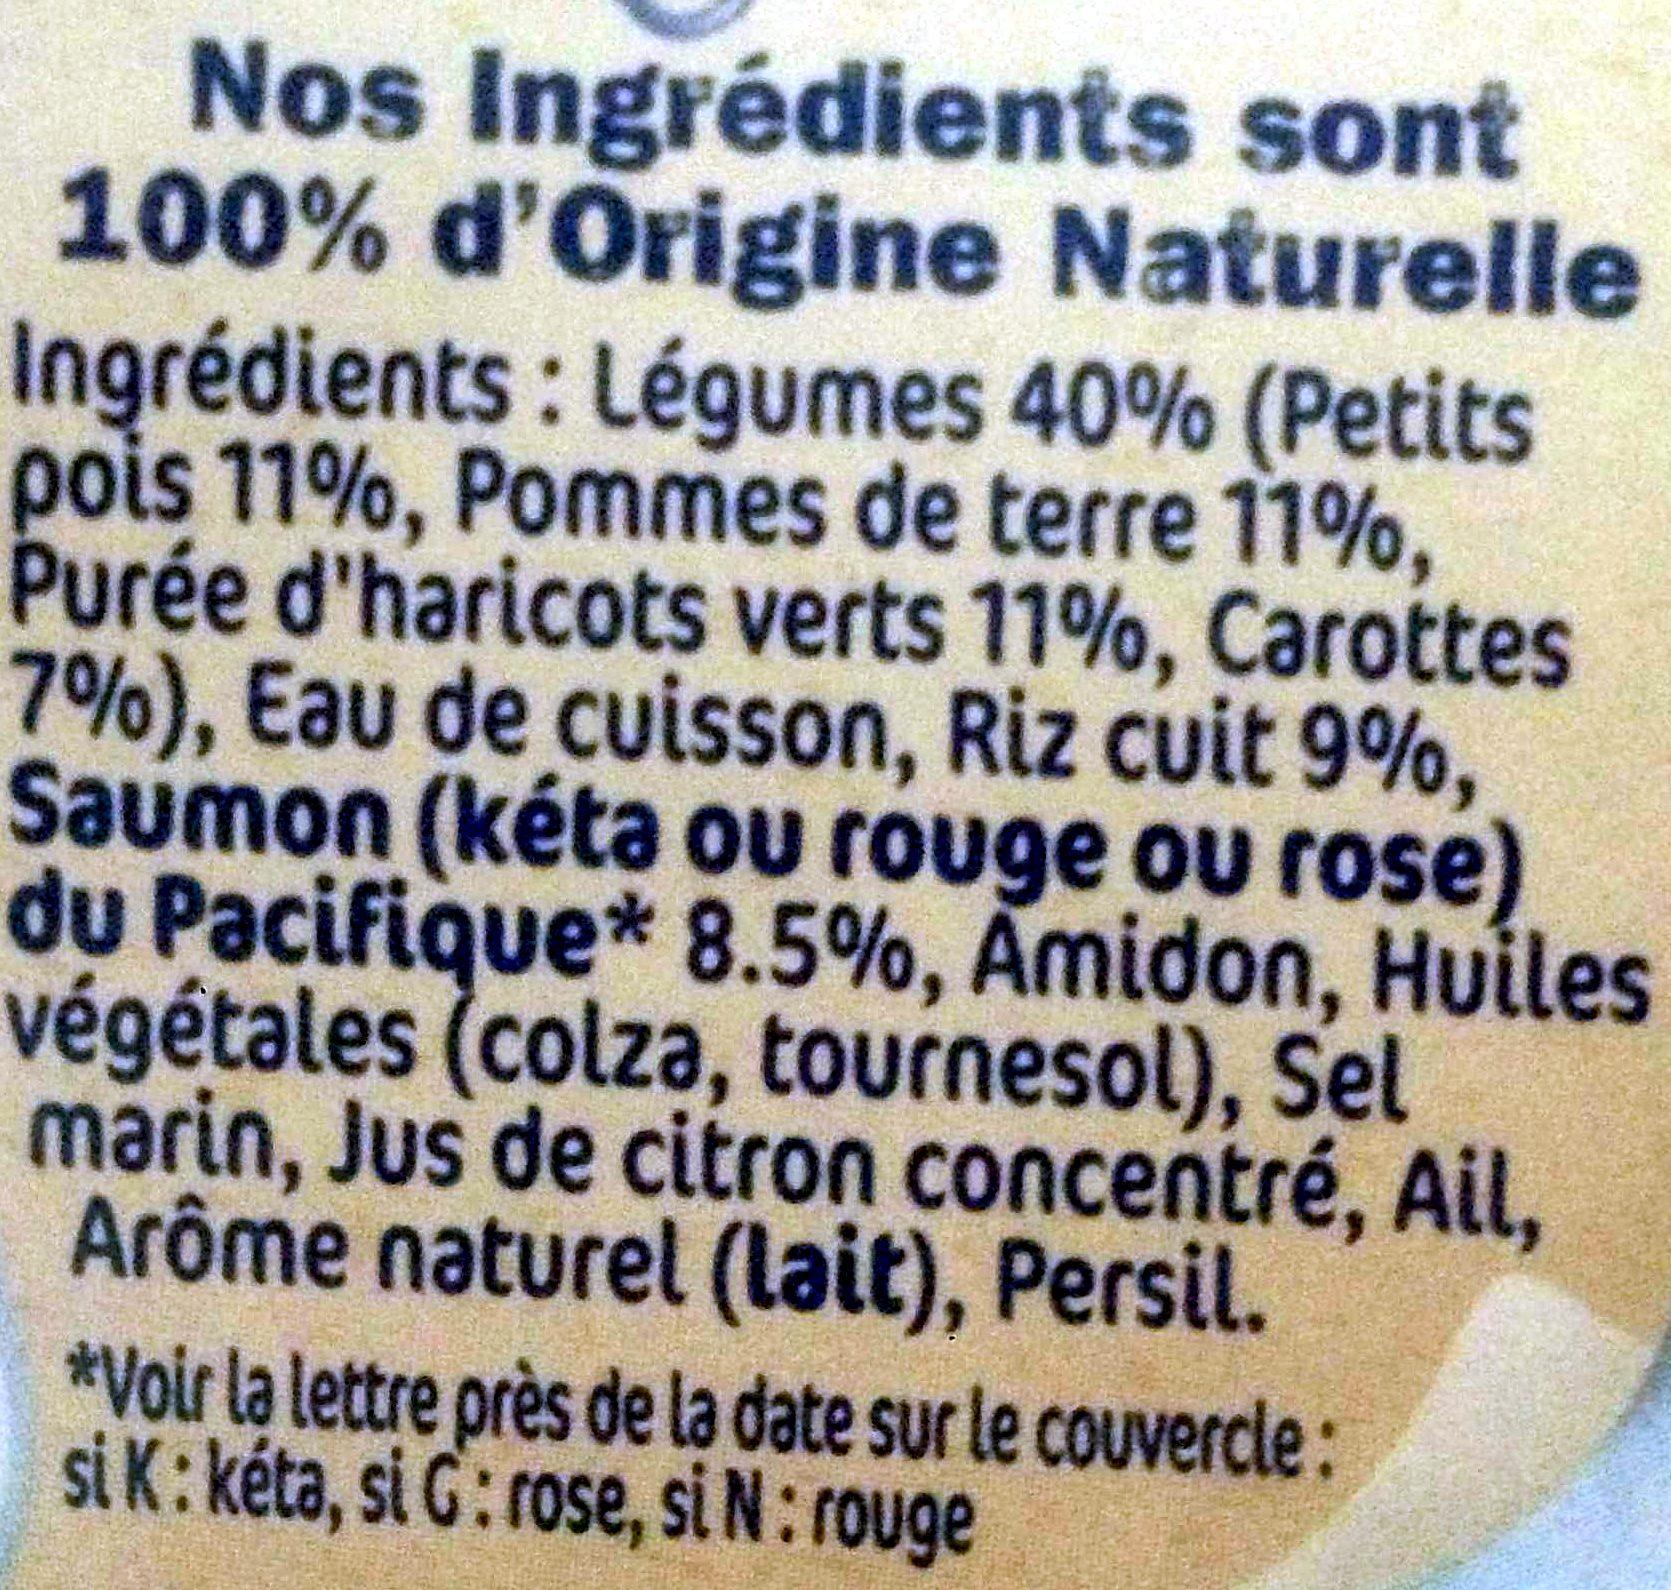 NaturNes Légumes Verts, Riz, Saumon - Ingrédients